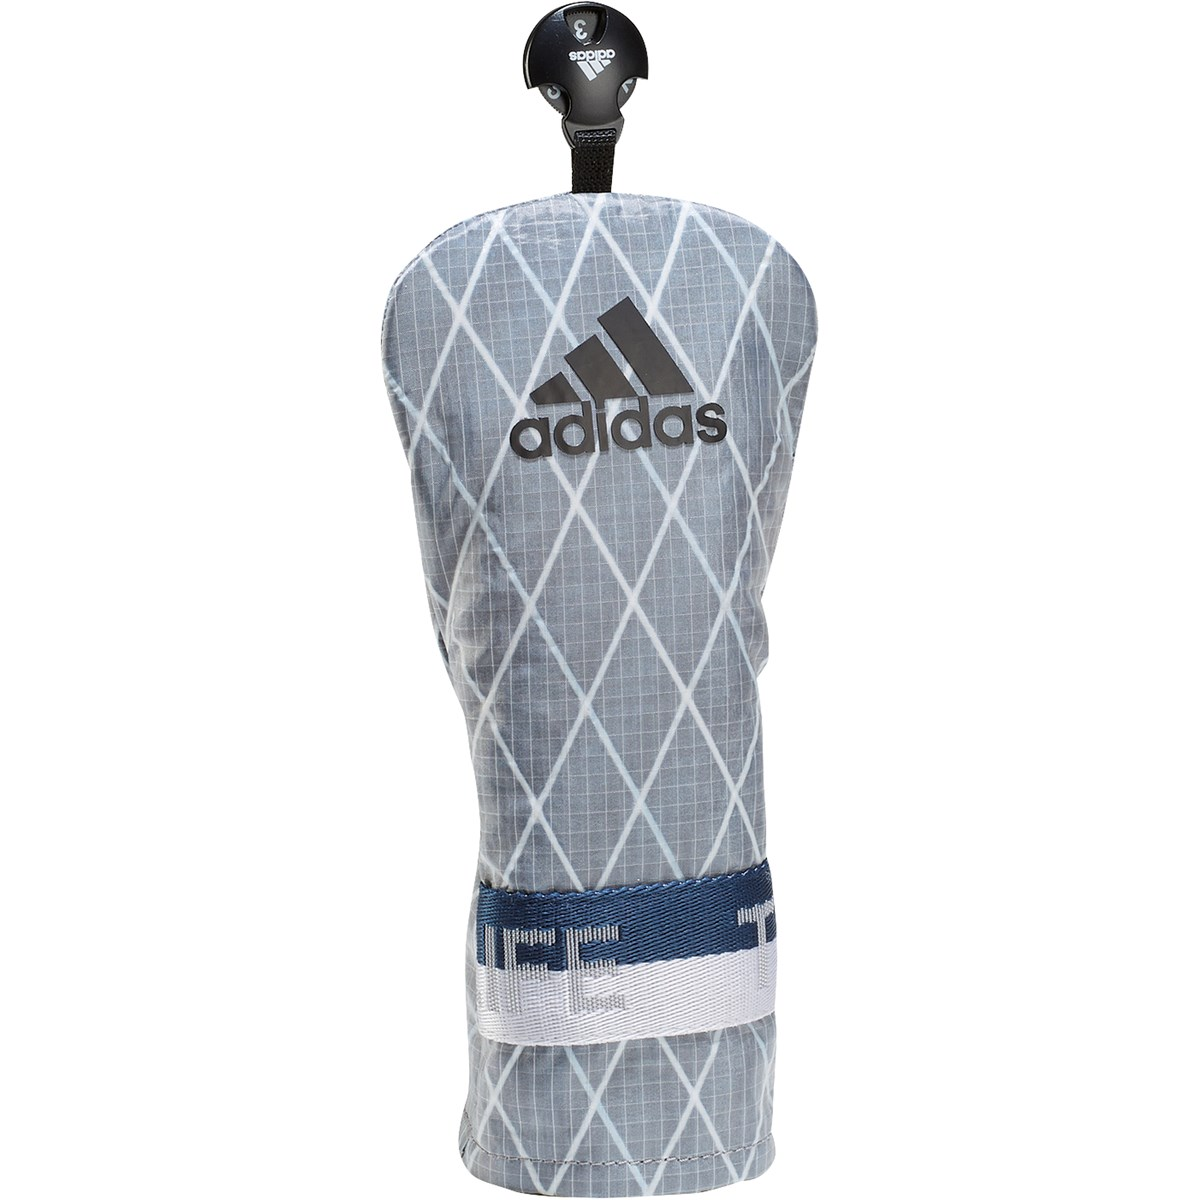 [2021年モデル] アディダス adidas ヘッドカバー UT用 ホワイト メンズ ゴルフ